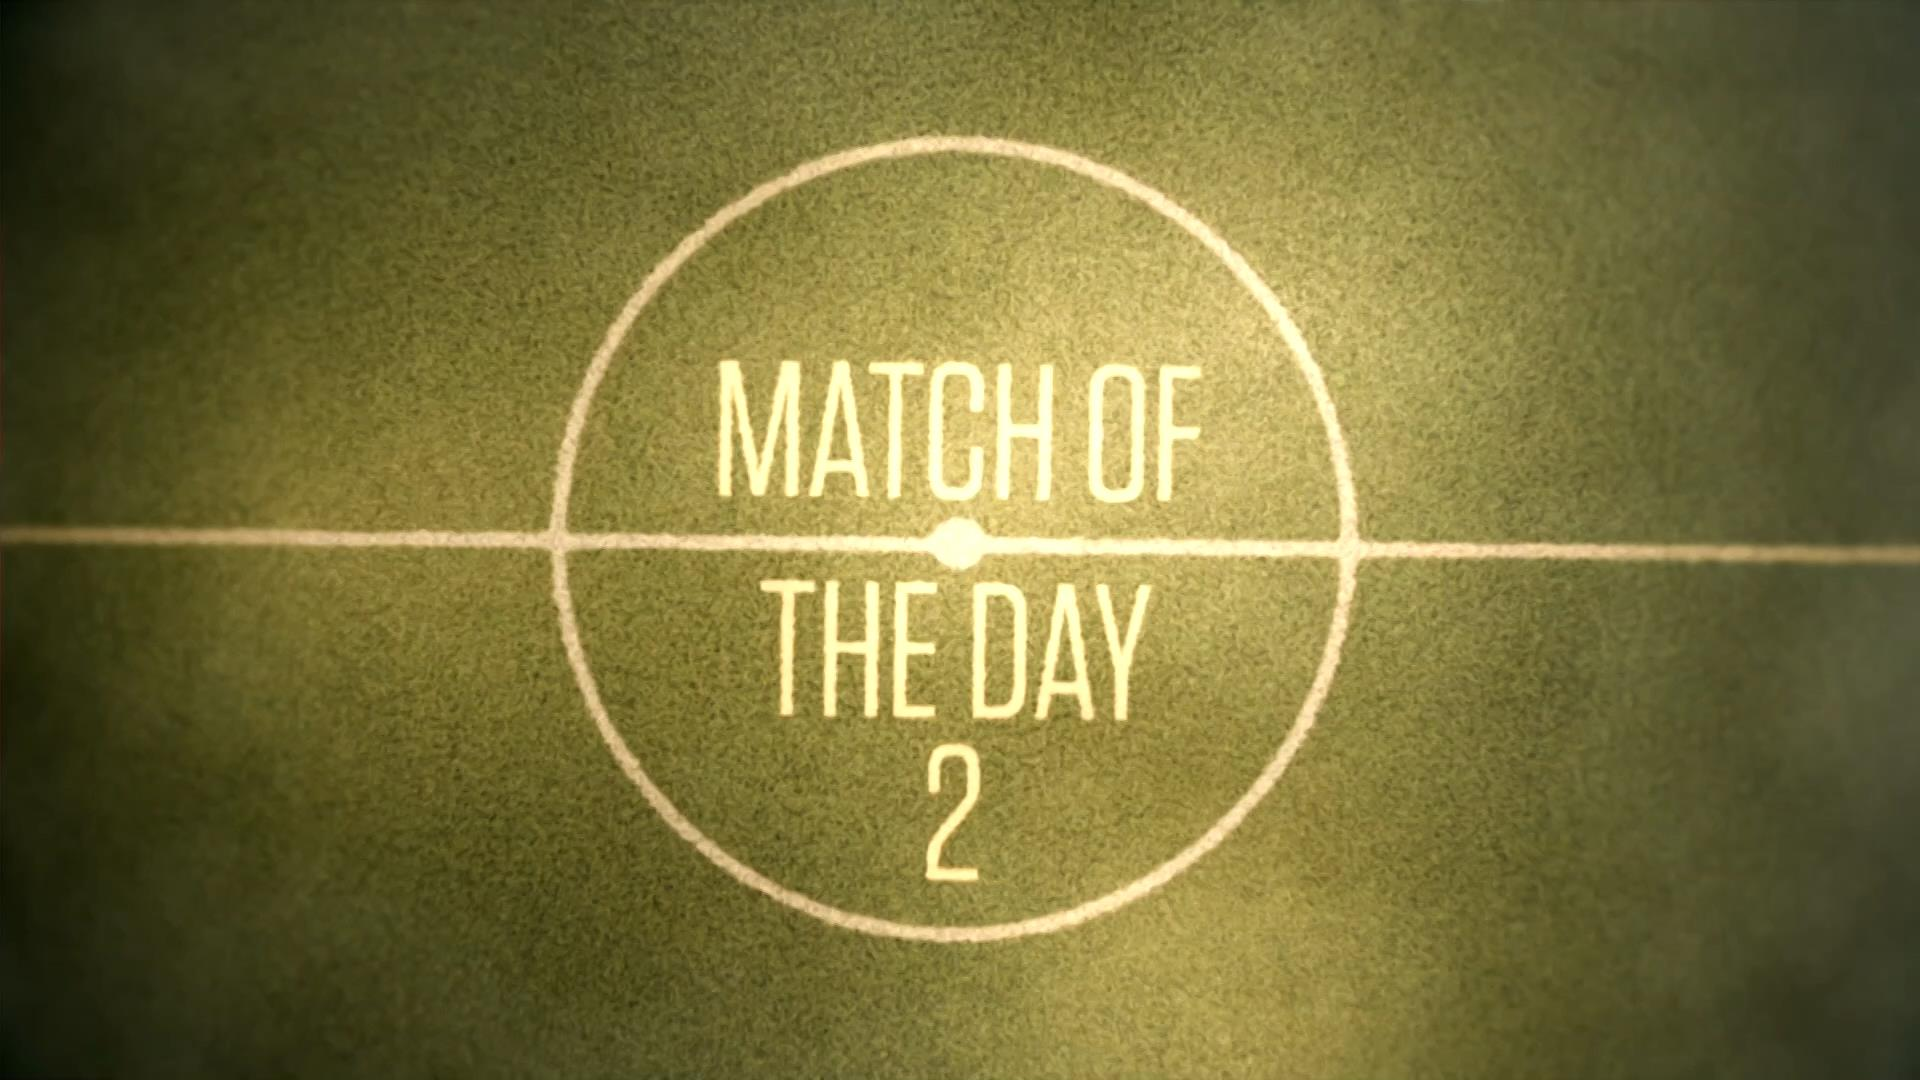 EPL BBC Match of the Day 2 MOTD2  Eplfootballmatchcom